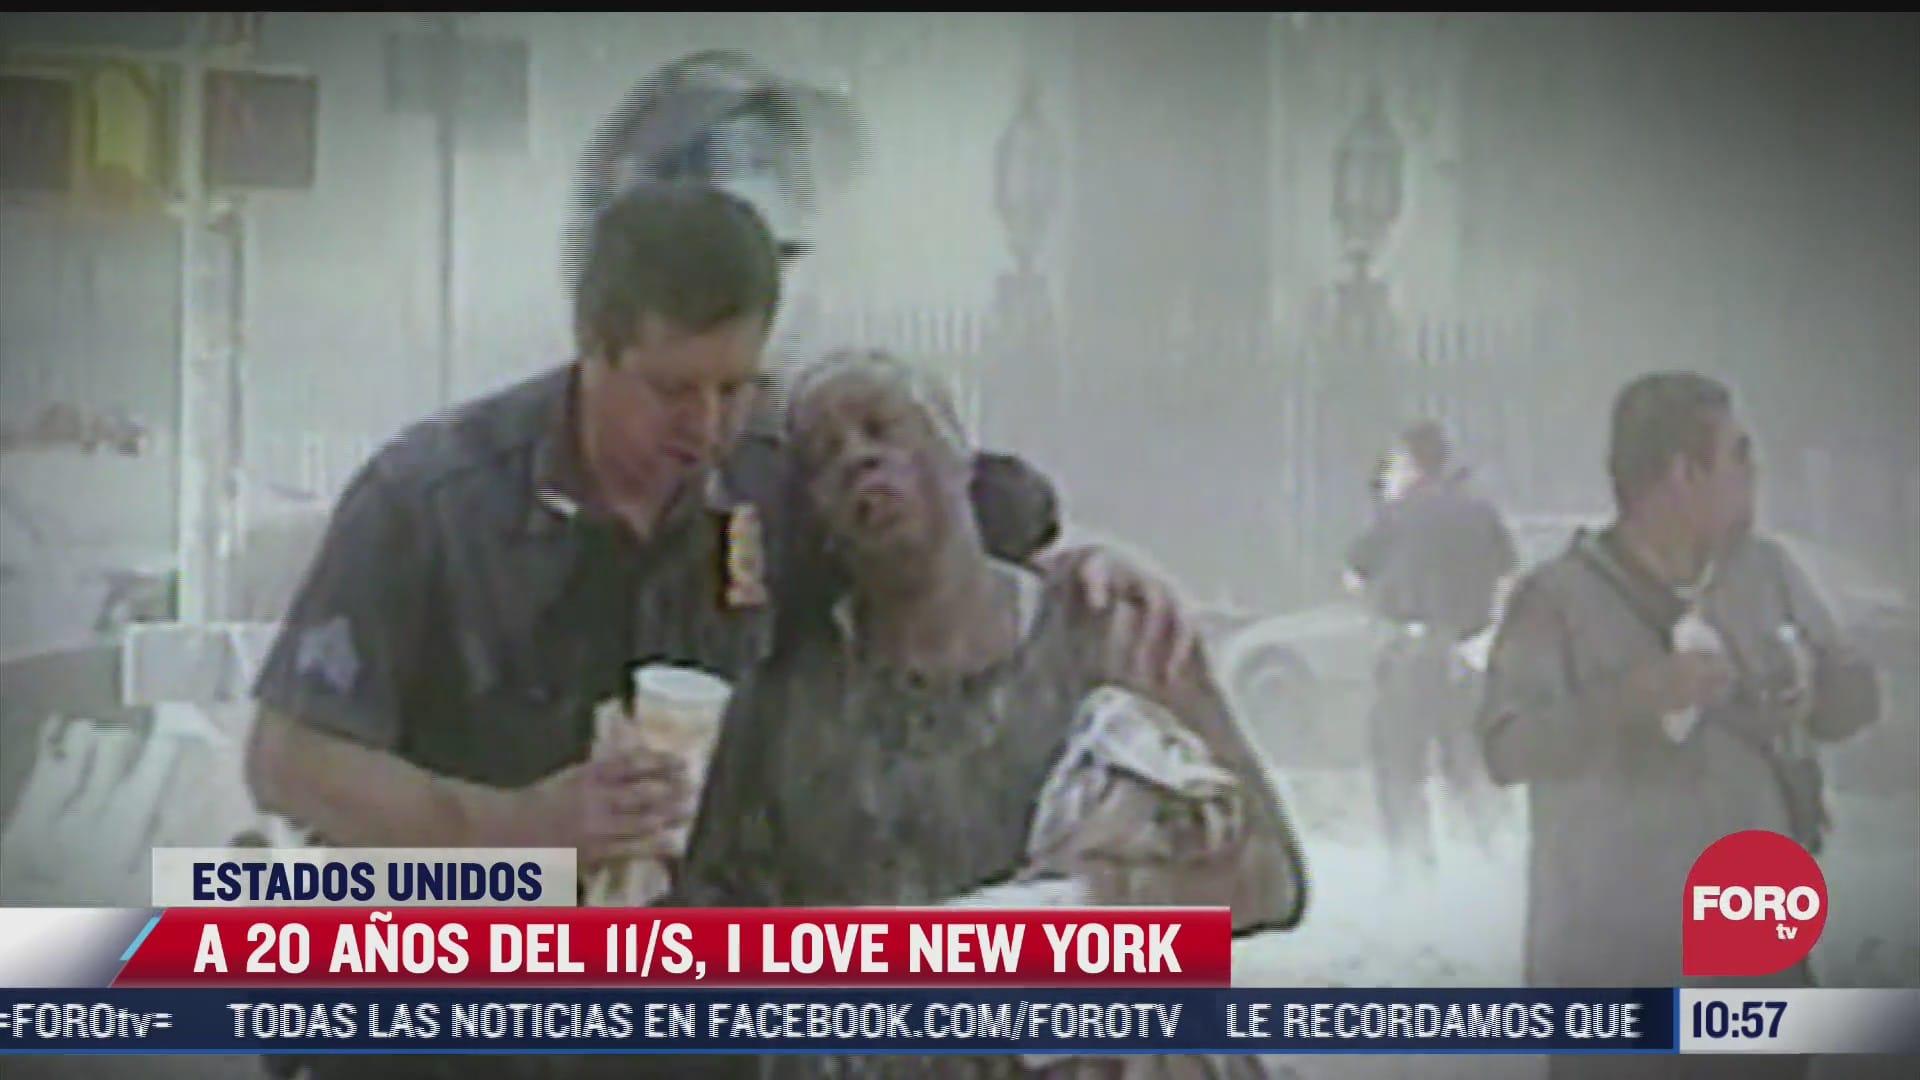 a 20 anos del 11 s i love new york